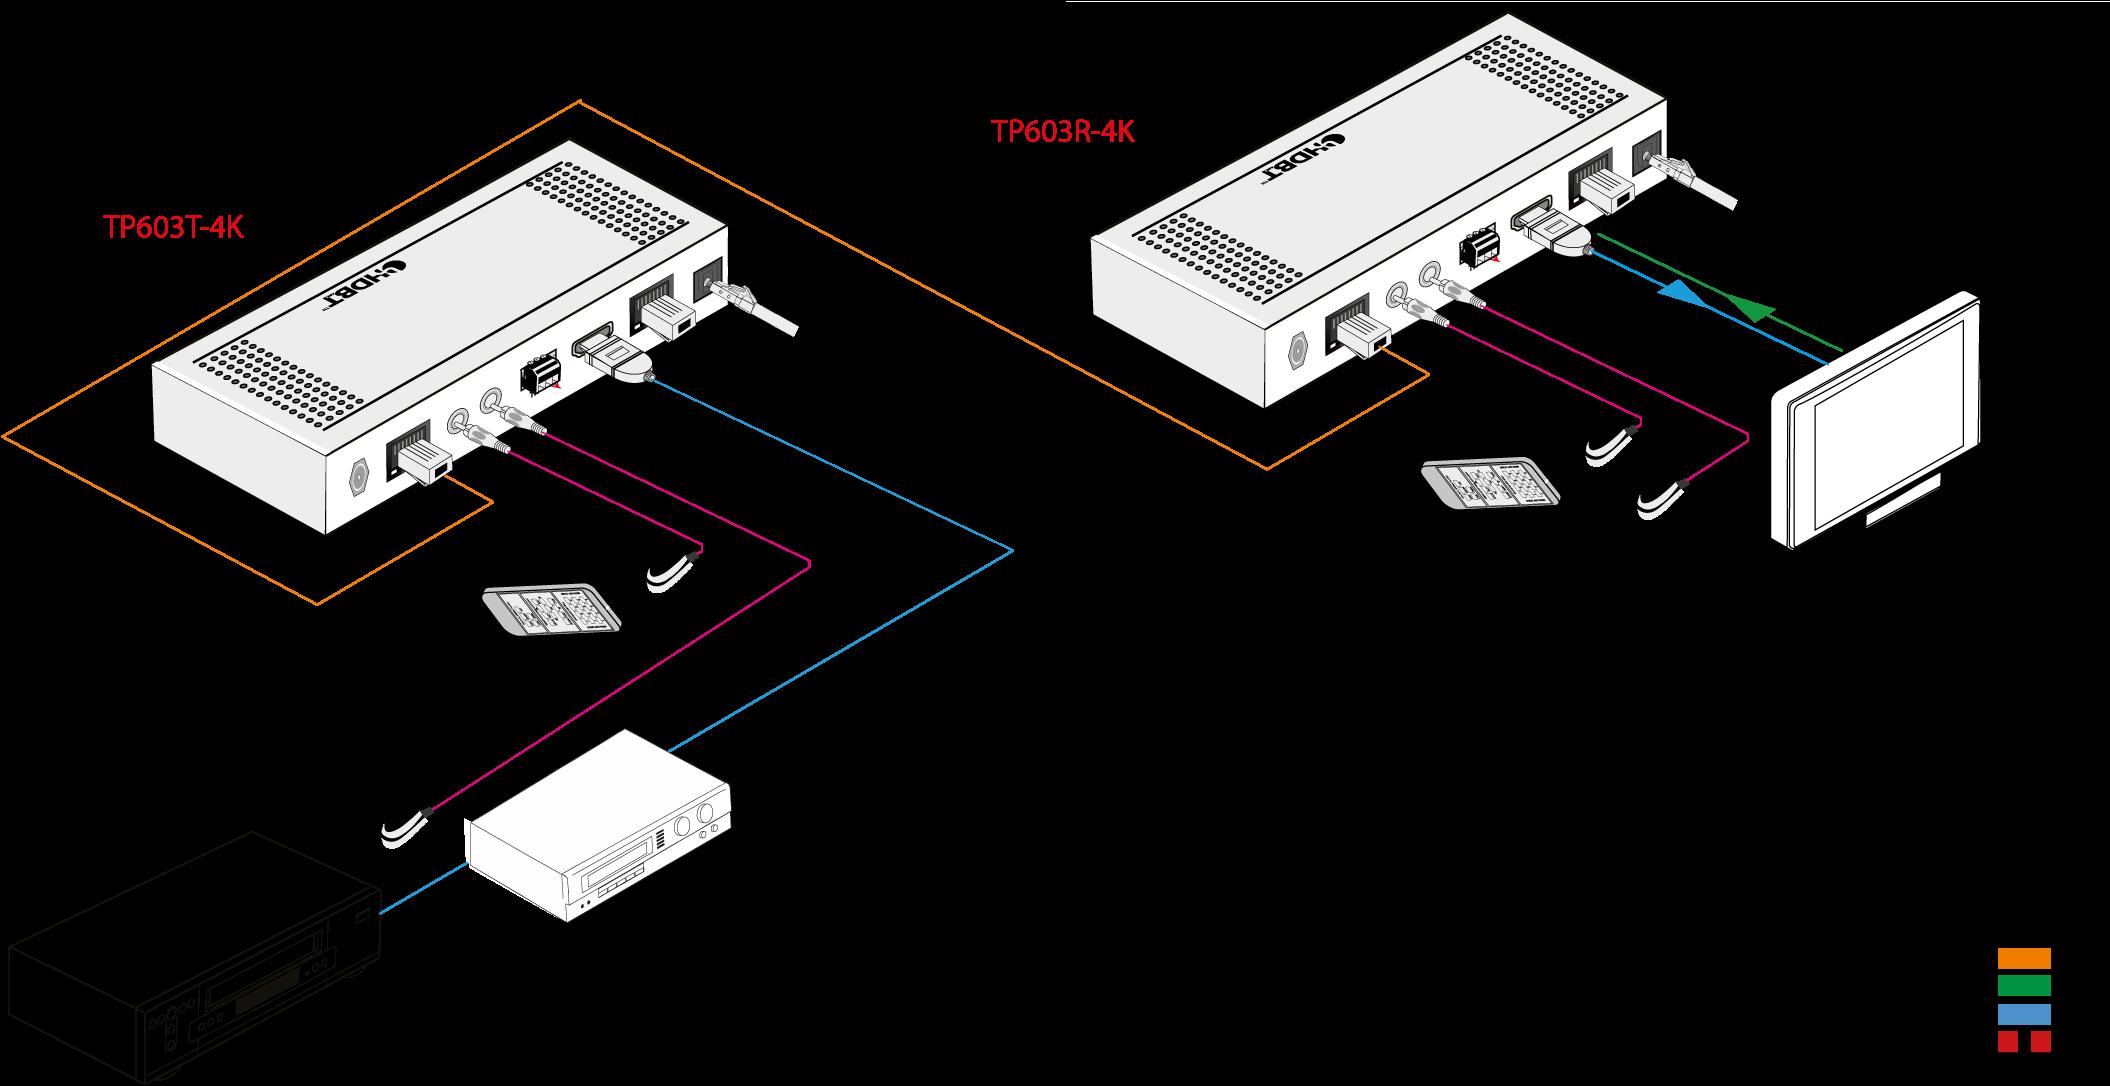 TP603P-4K